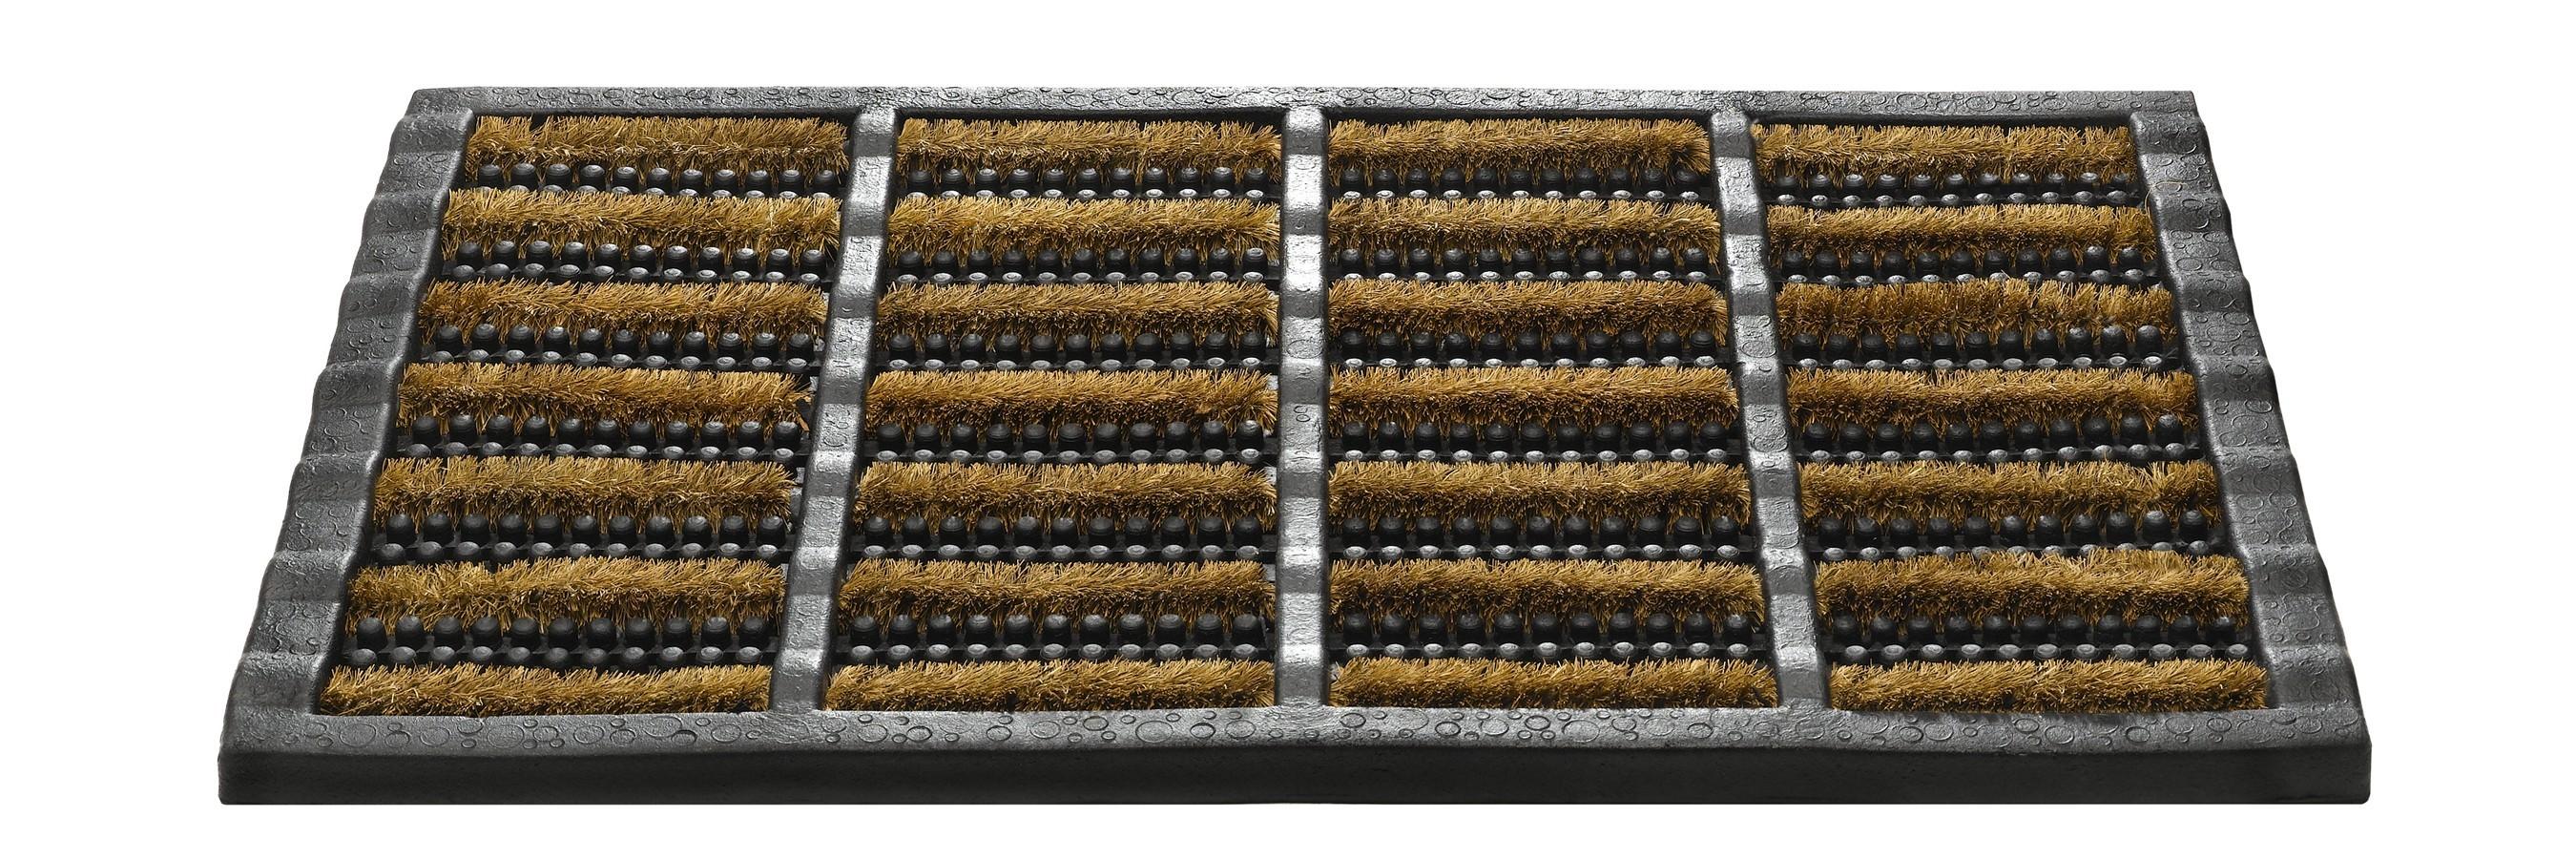 Hamat Fußmatte / Kokos Fußmatte Mudbuster 40x60cm Bild 1